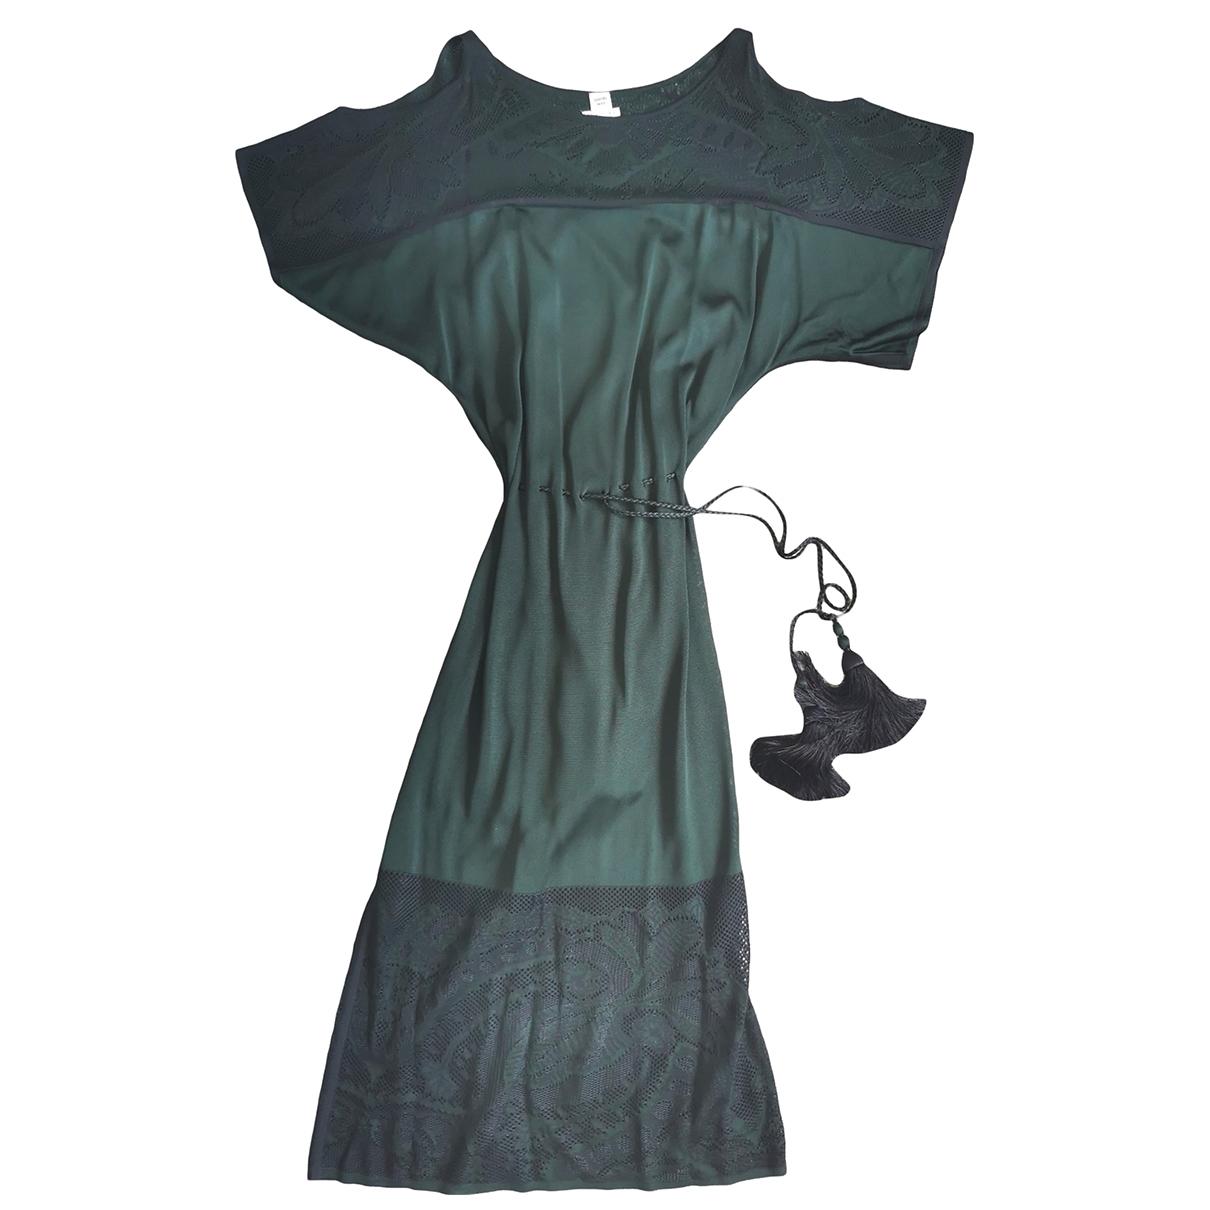 Hermes \N Kleid in  Gruen Viskose